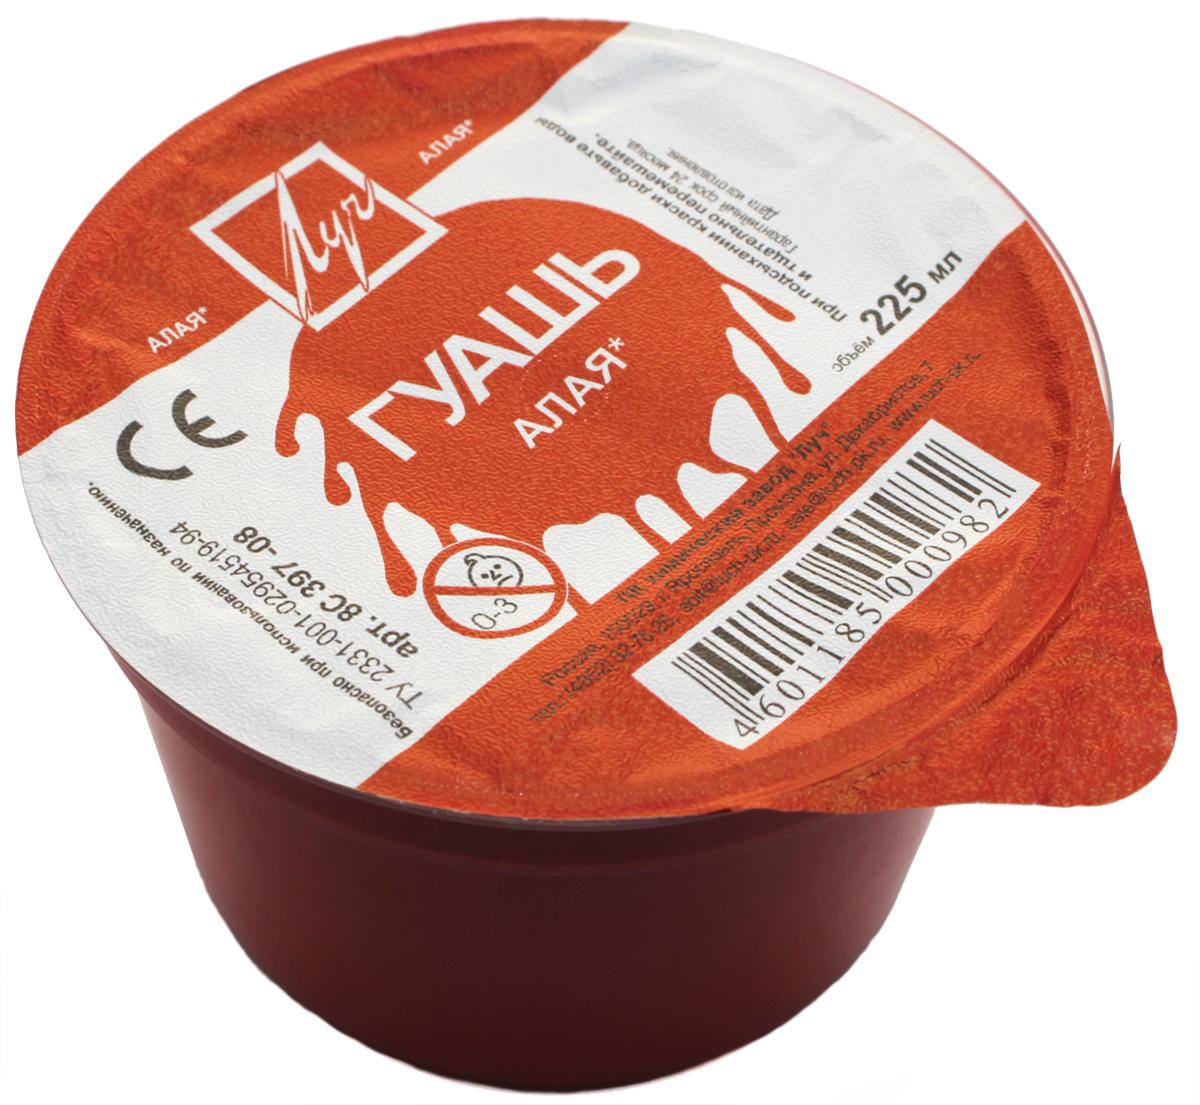 Луч Гуашь цвет алый 225 мл8С 397-08Гуашь алая. Масса: 320 грамм. Прозрачная, водоразбавляемая, быстро сохнет. Помещена в пластиковую упаковку с прозрачной крышкой. Продукт не токсичен.